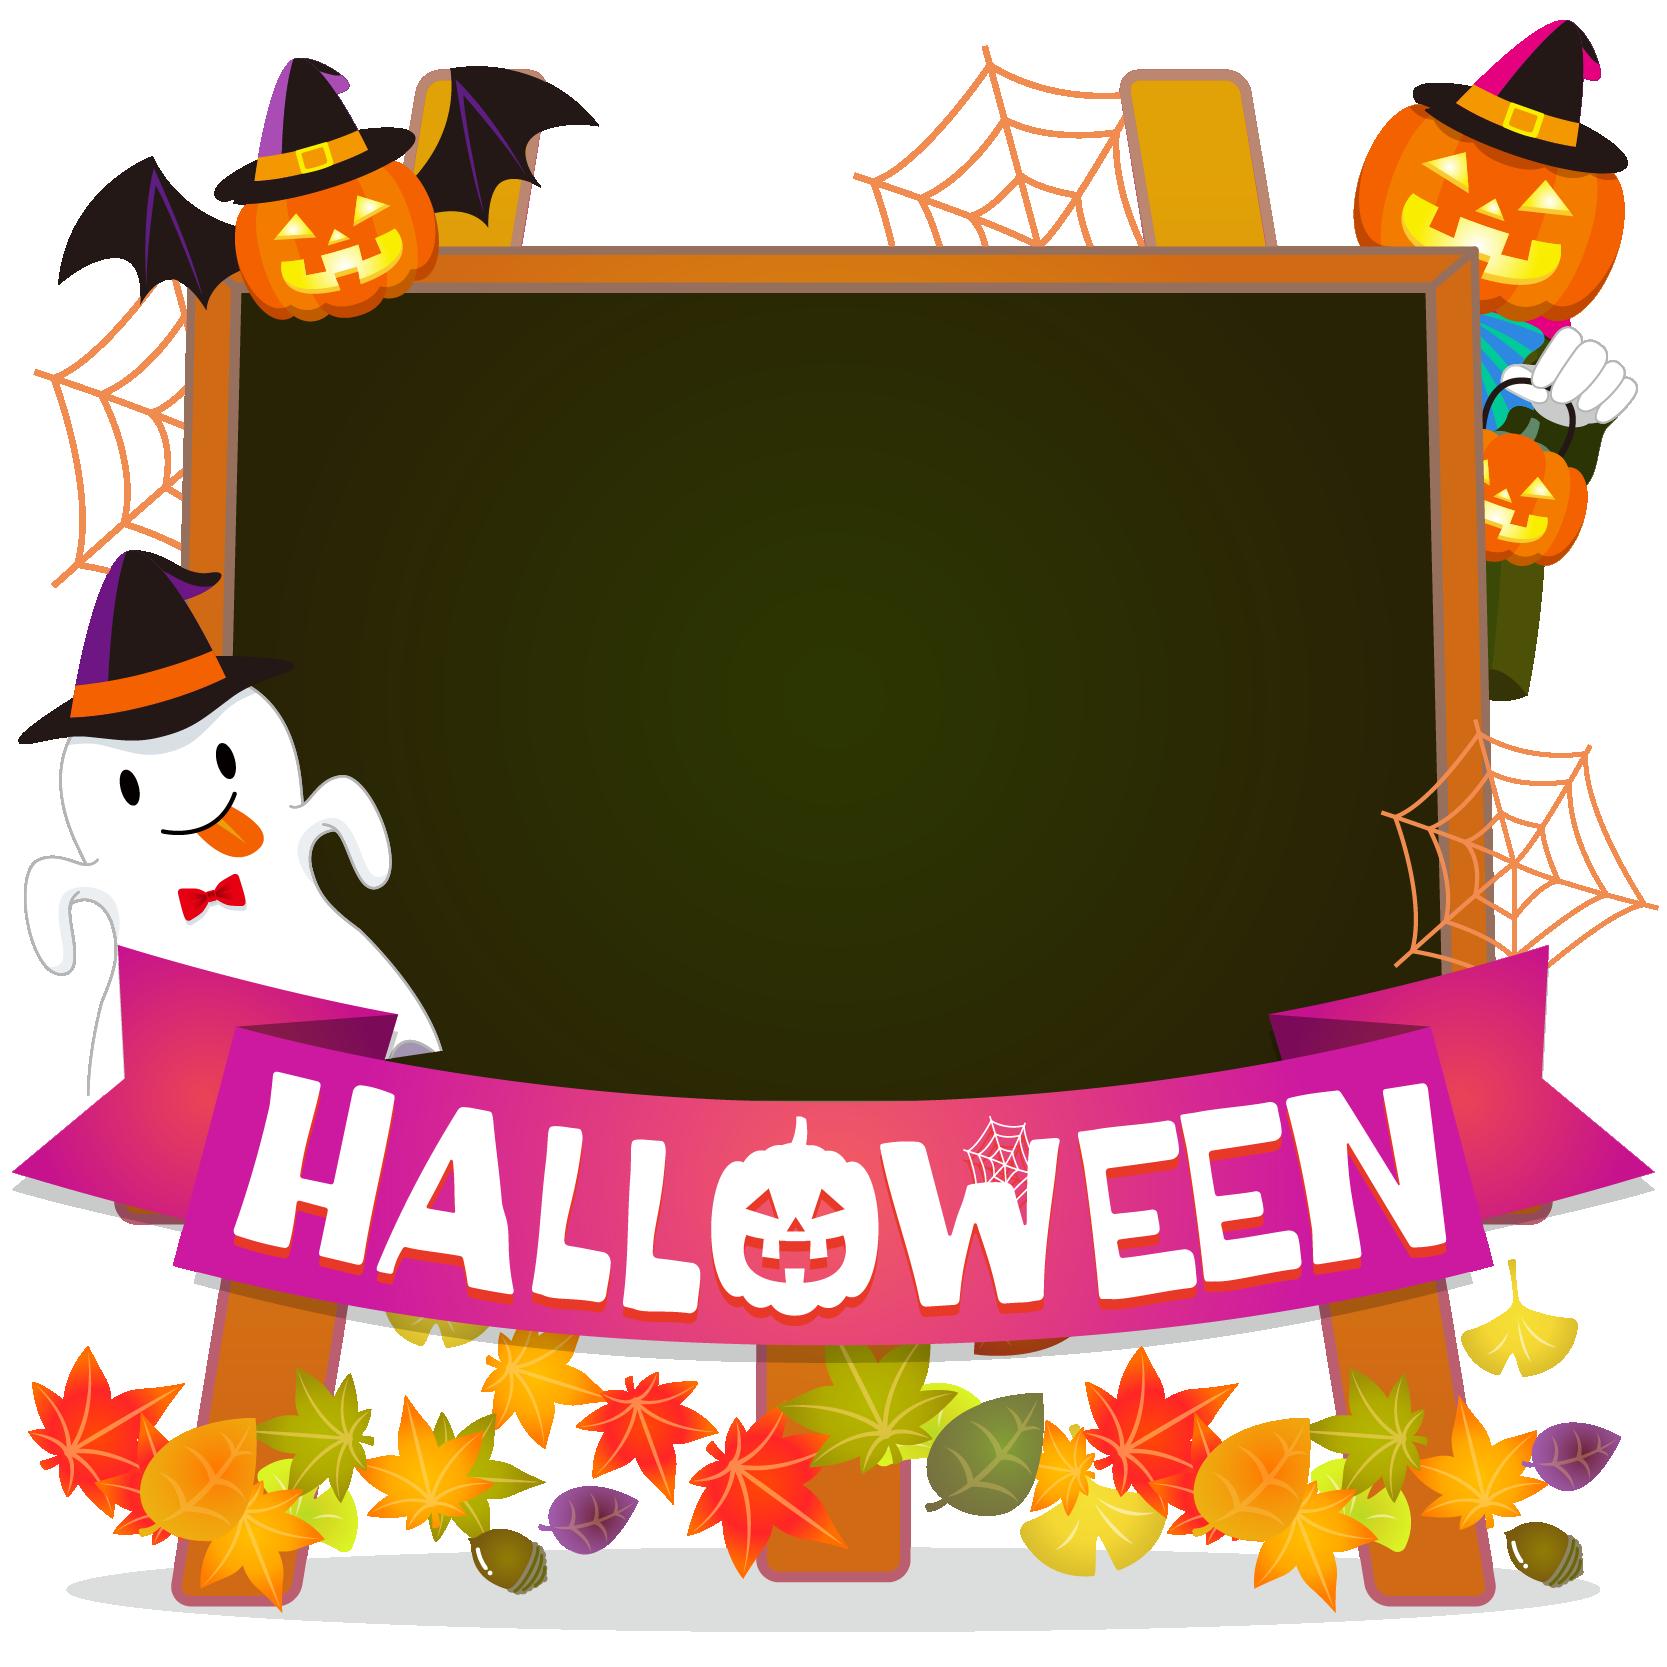 商用フリーイラスト_無料_10月_ハロウィン_おばけ_かぼちゃ_halloween_イーゼル_キャンバス横_黒板